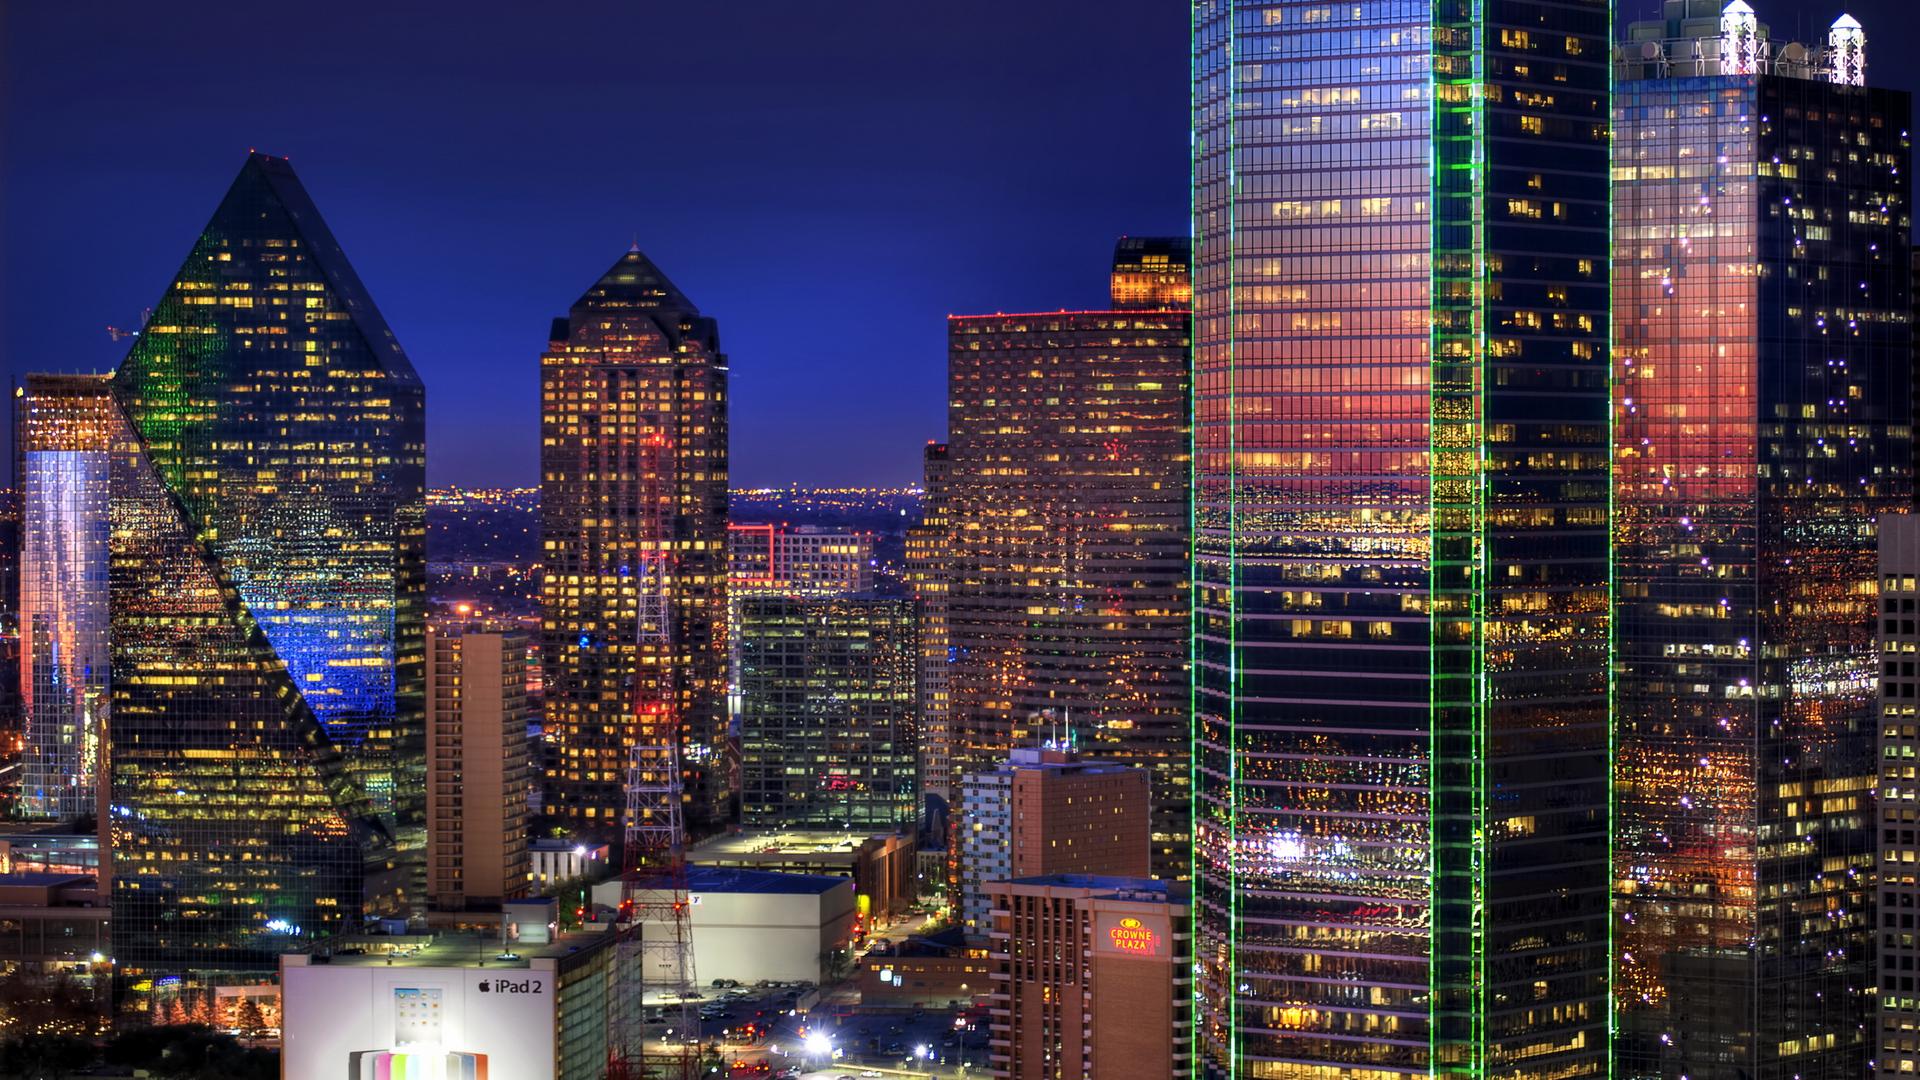 небоскребы ночь город  № 3358980 загрузить